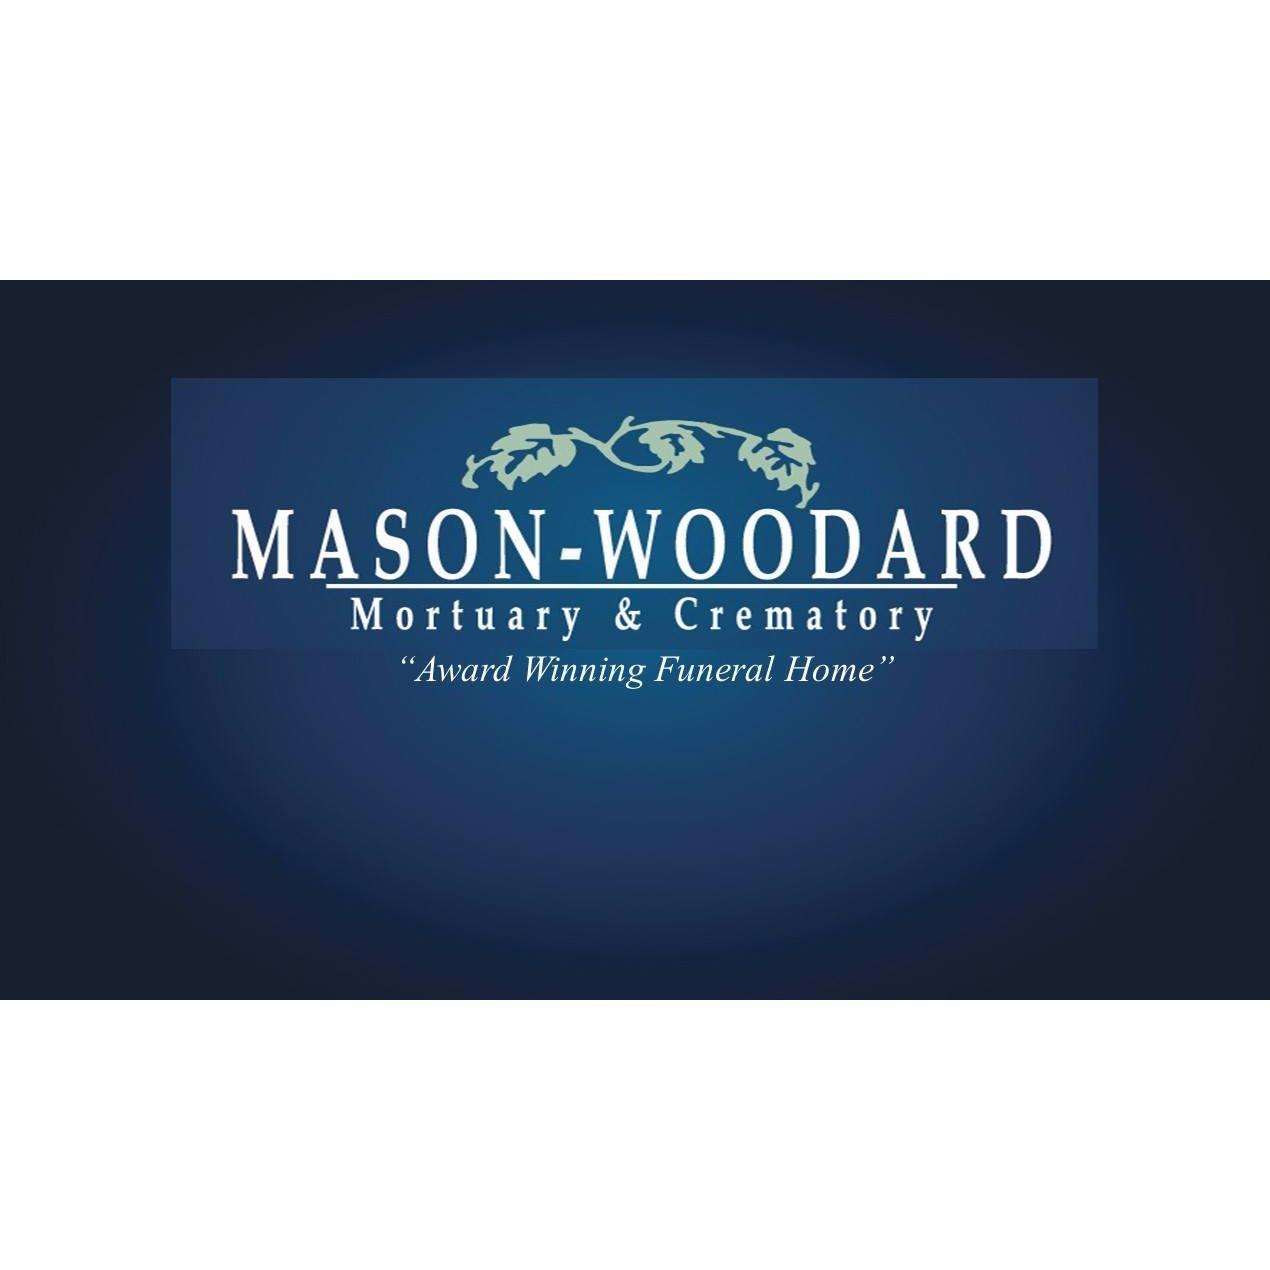 Mason-Woodard Mortuary & Crematory